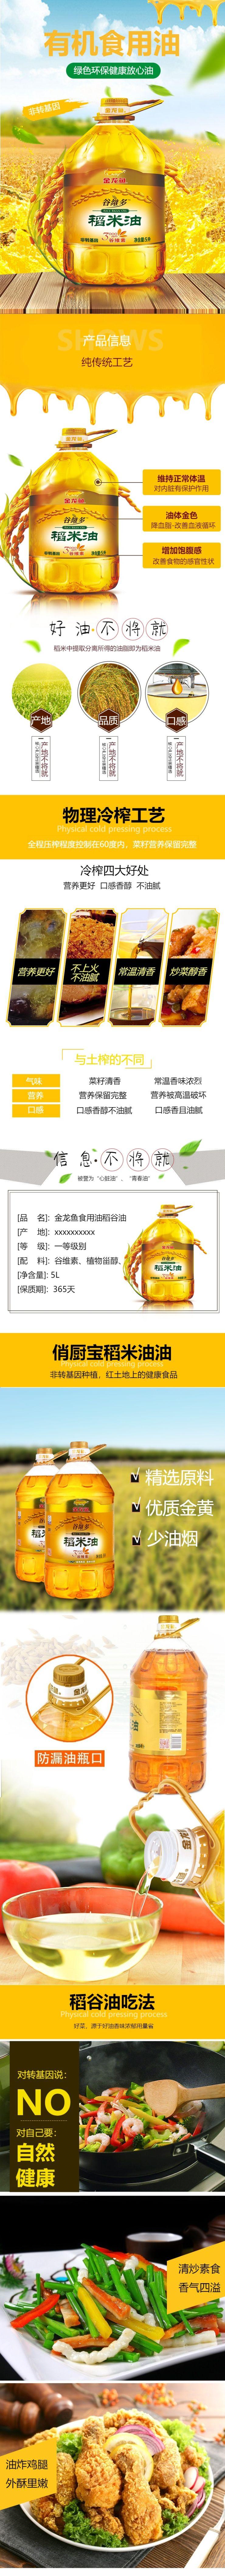 清新自然百货零售粮油副食稻米油促销电商详情页